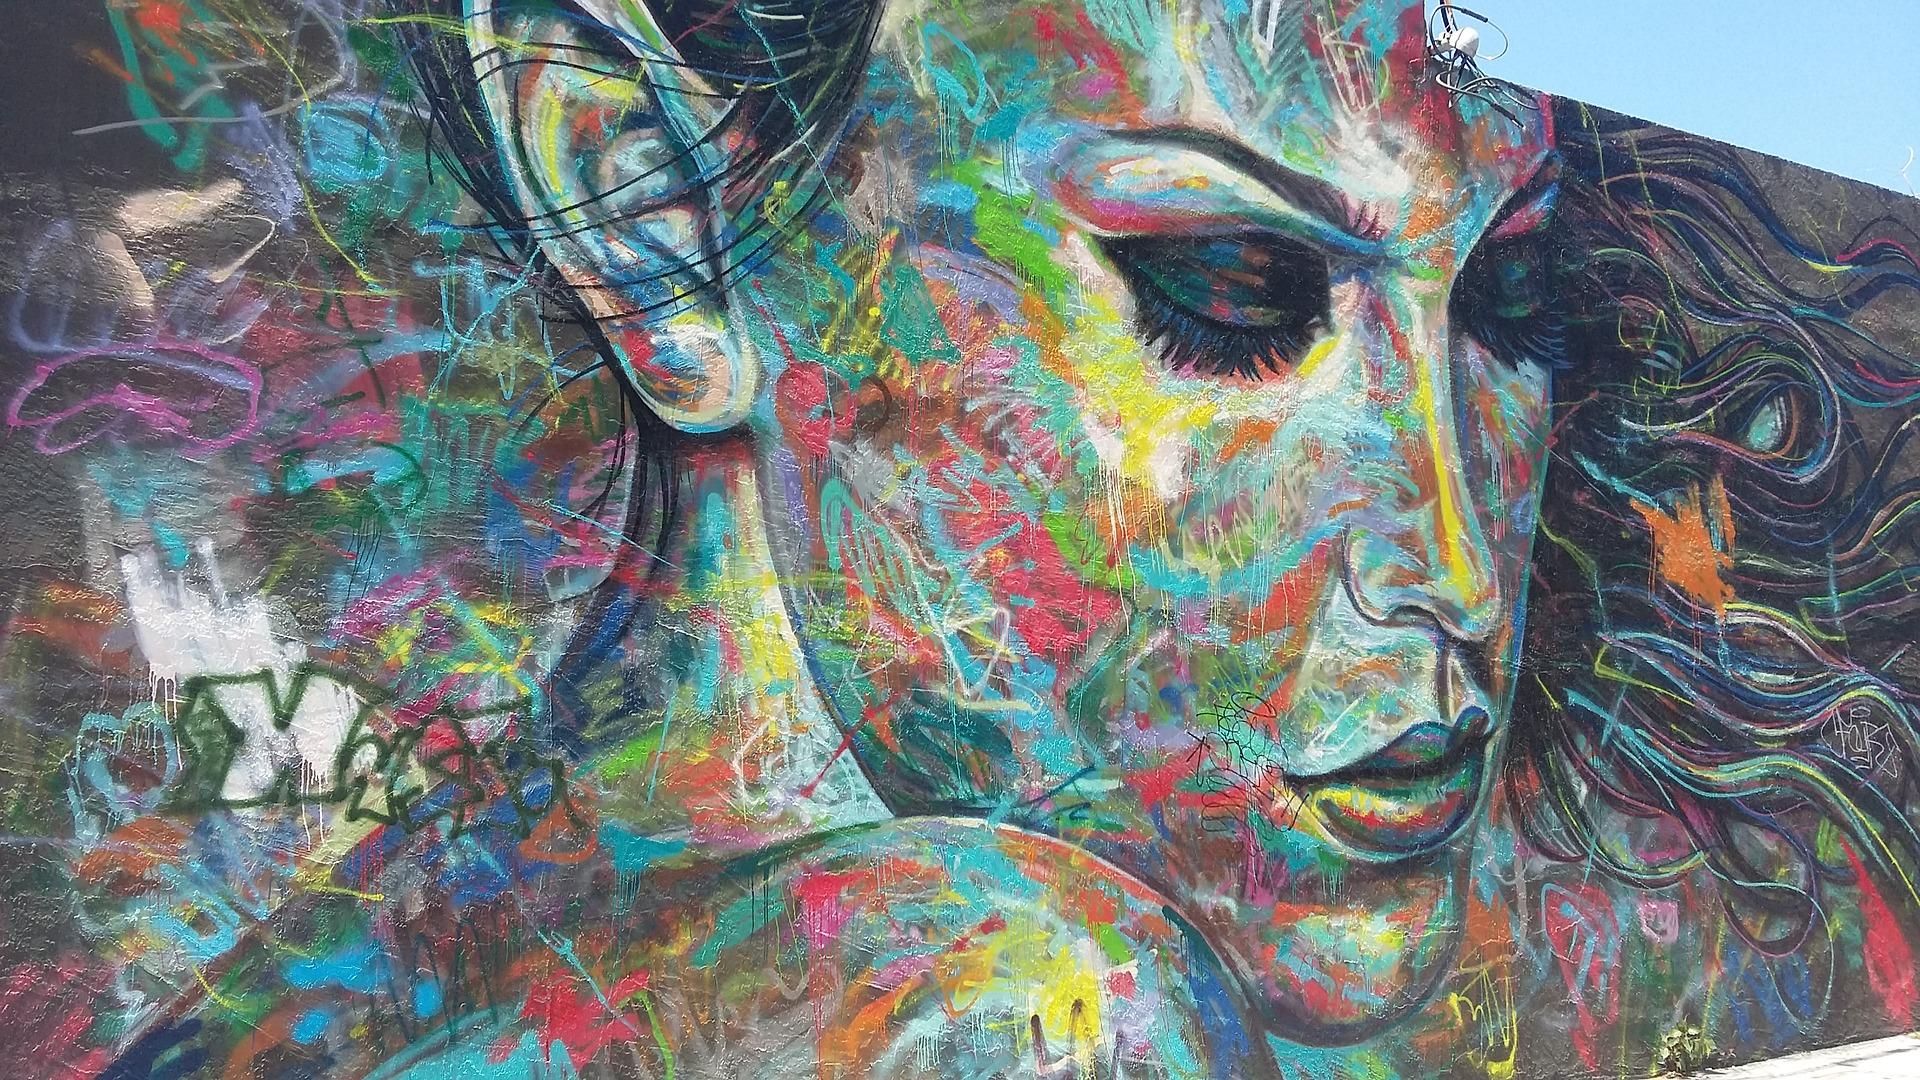 Arte callejero: los muros de Wynwood